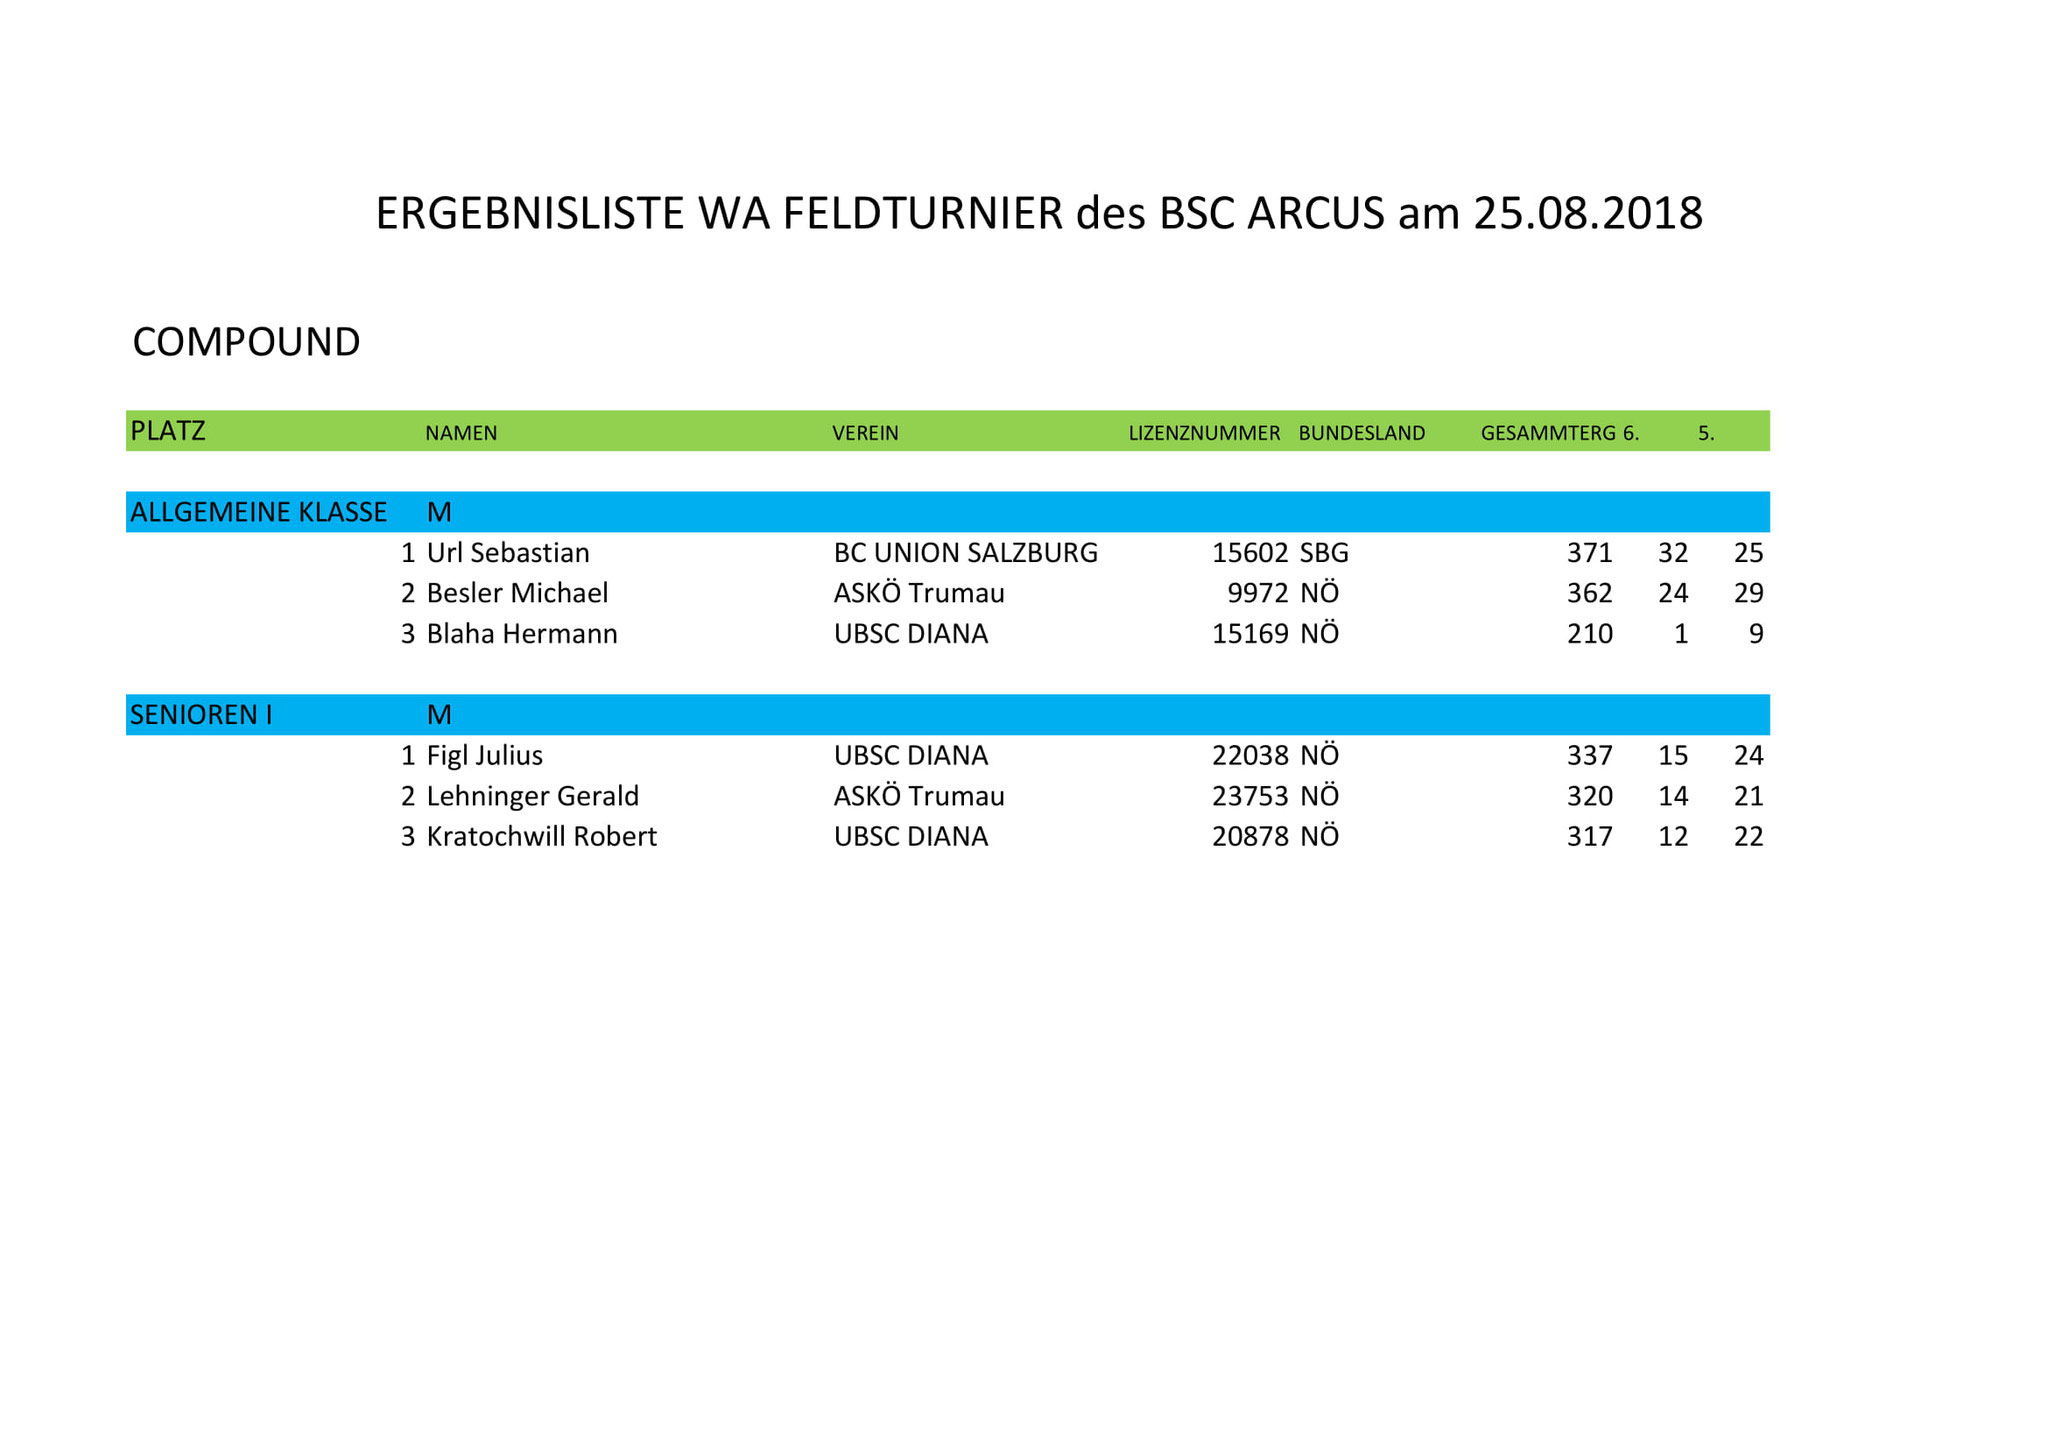 Ergebnisliste WA Feldturnier des BSC Arcus am 25.8.2018  - Compound